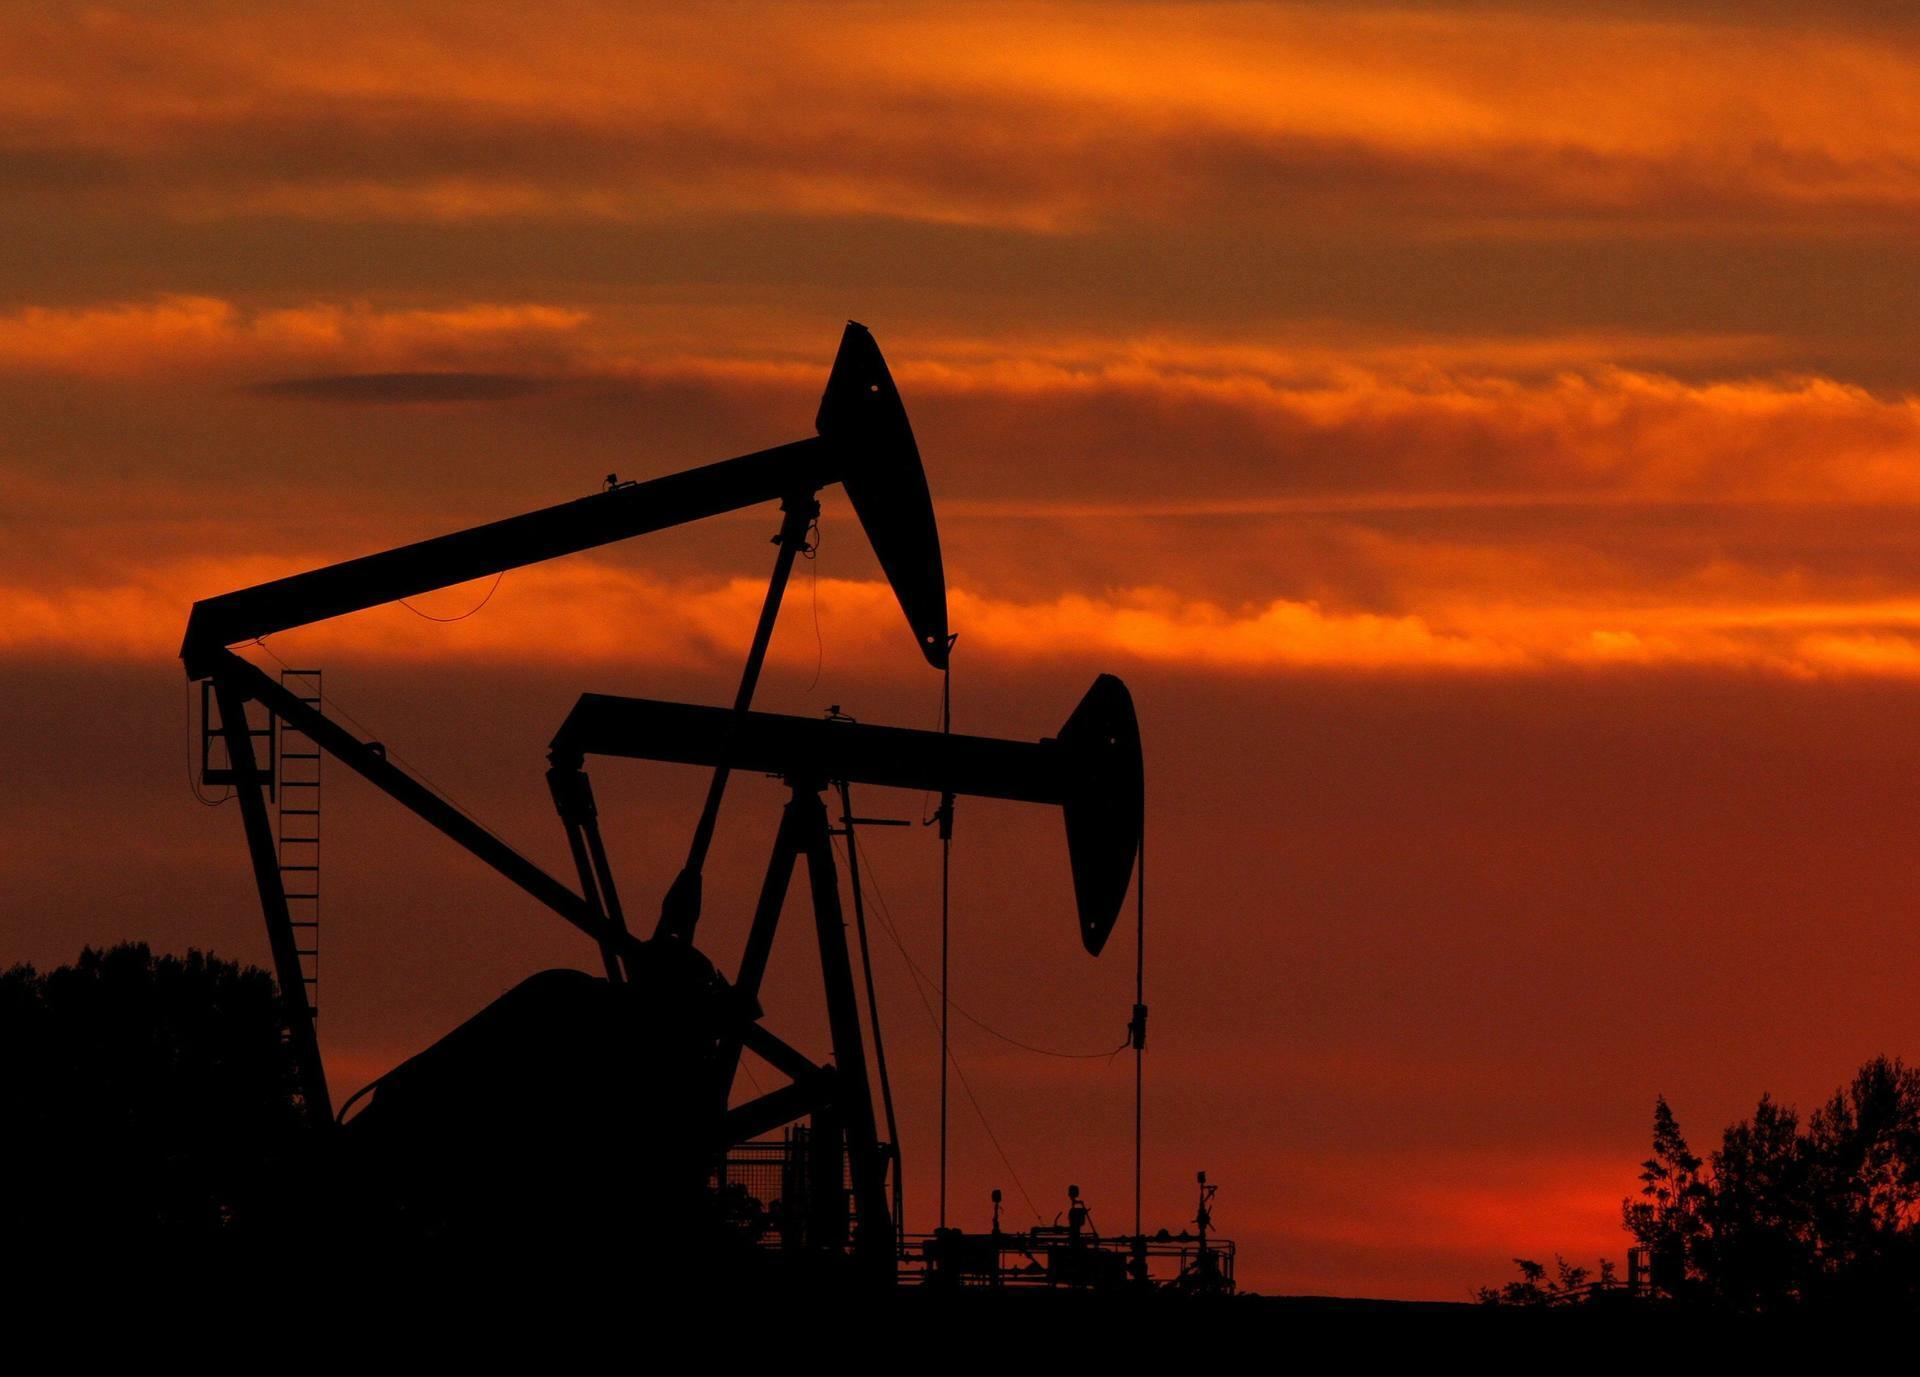 Ölpumpen auf einem Ölfeld: Die EU-Staaten wollen den Iran mit einem Importverbot unter Druck setzen. Quelle: dpa